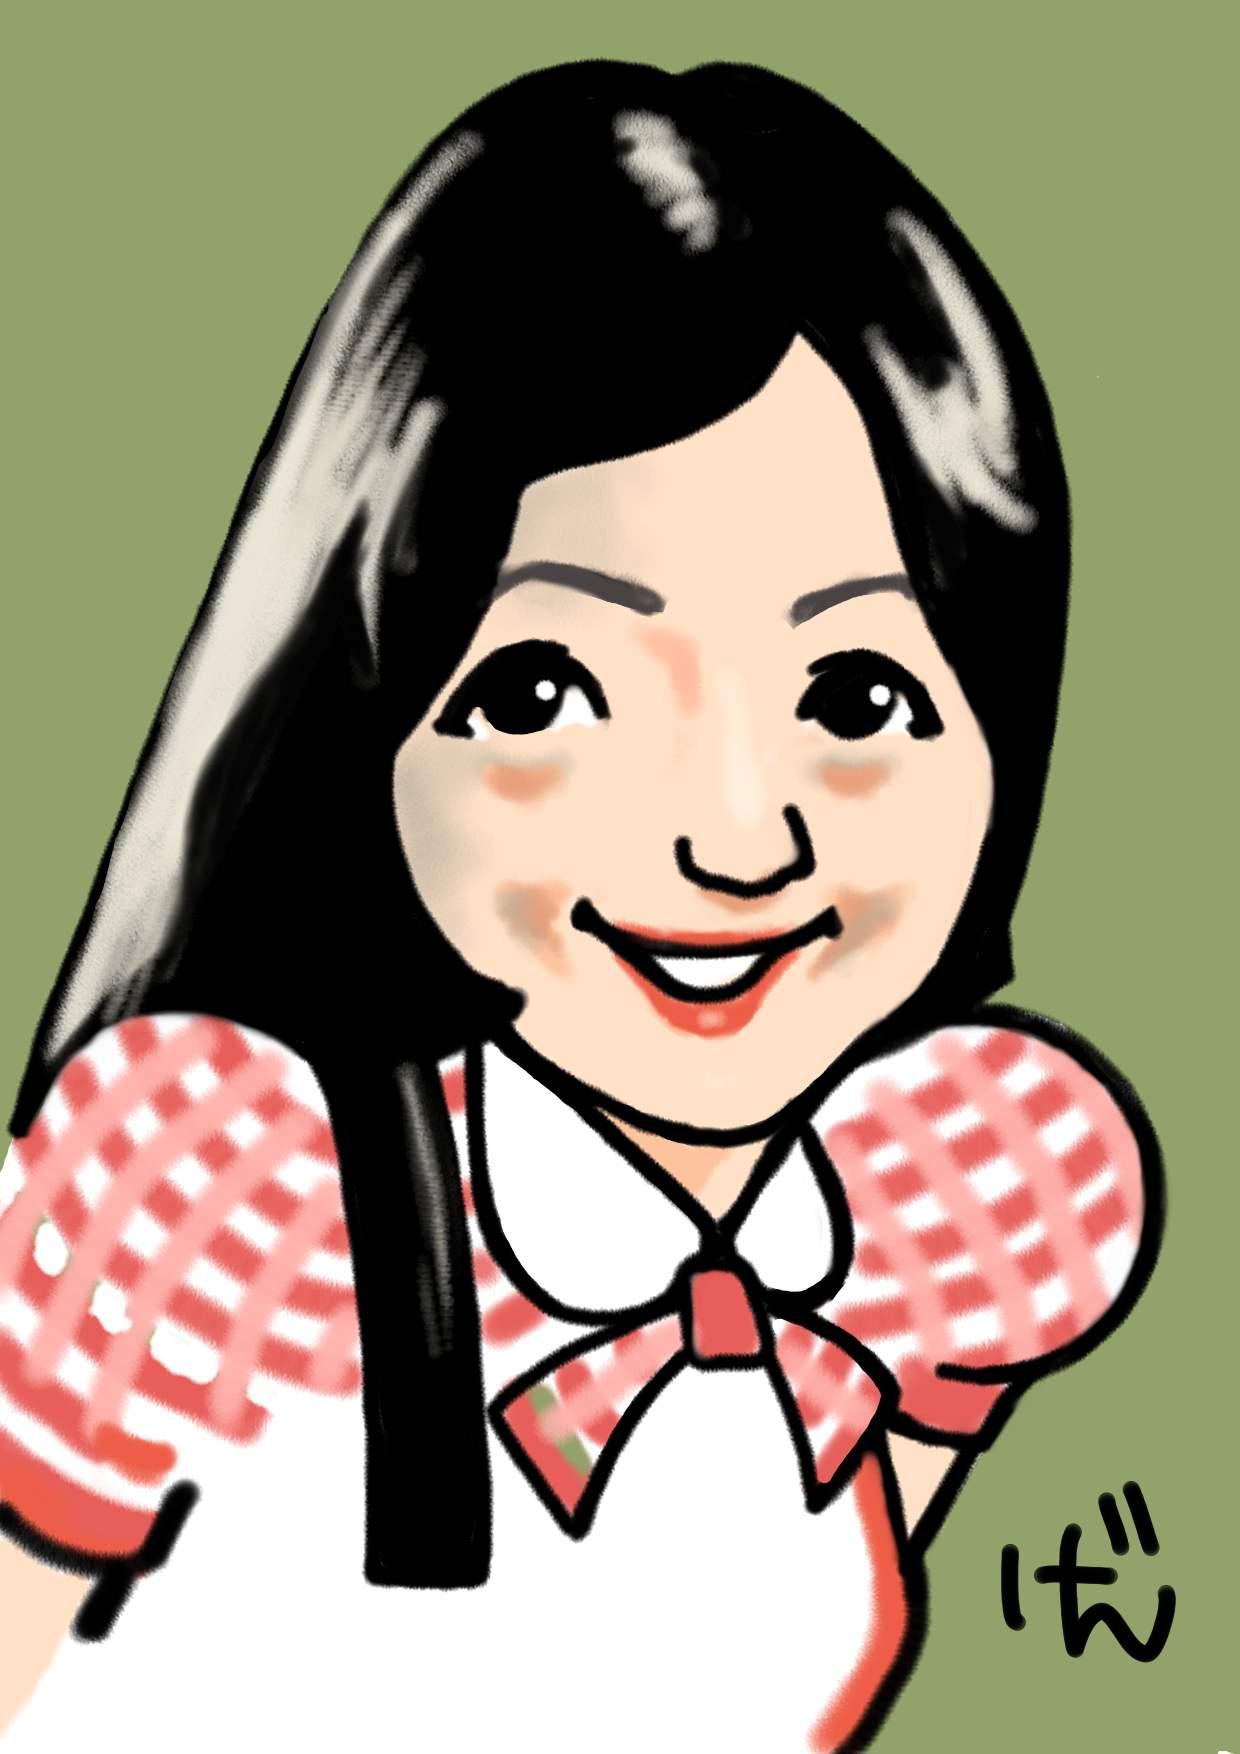 Megumi-Asaoka